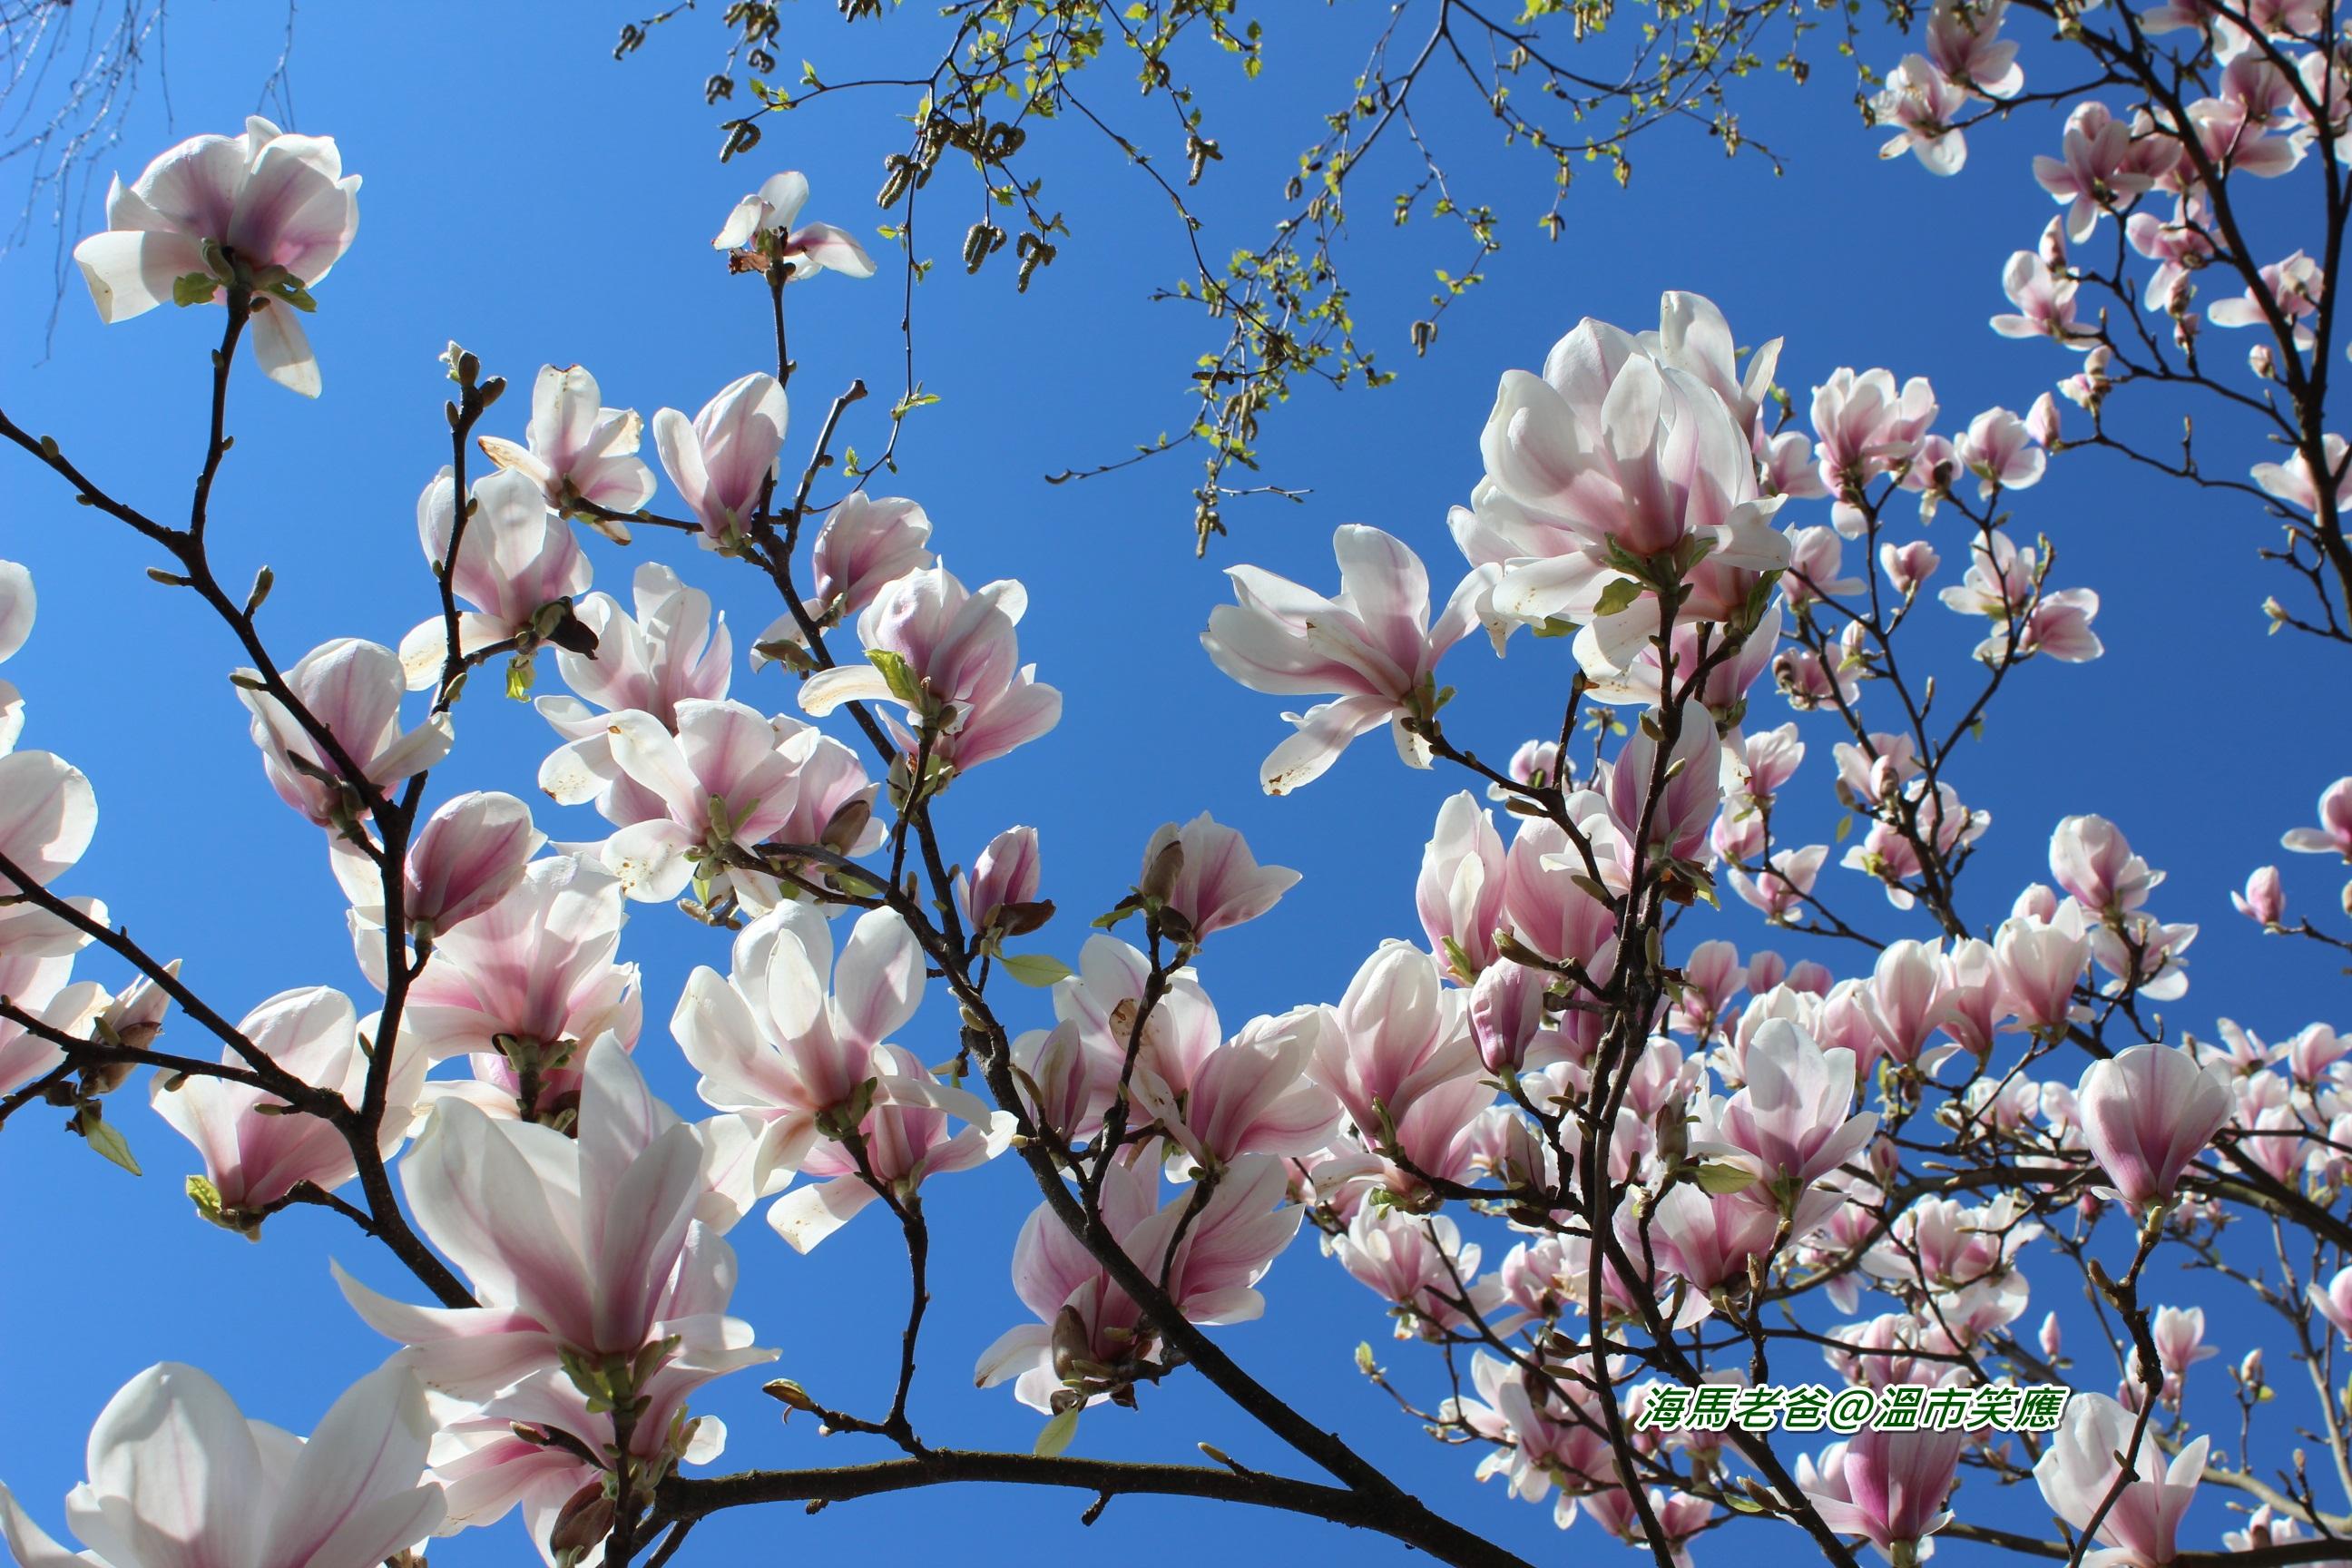 溫哥華賞花|春意盪漾,滿街的木蘭花